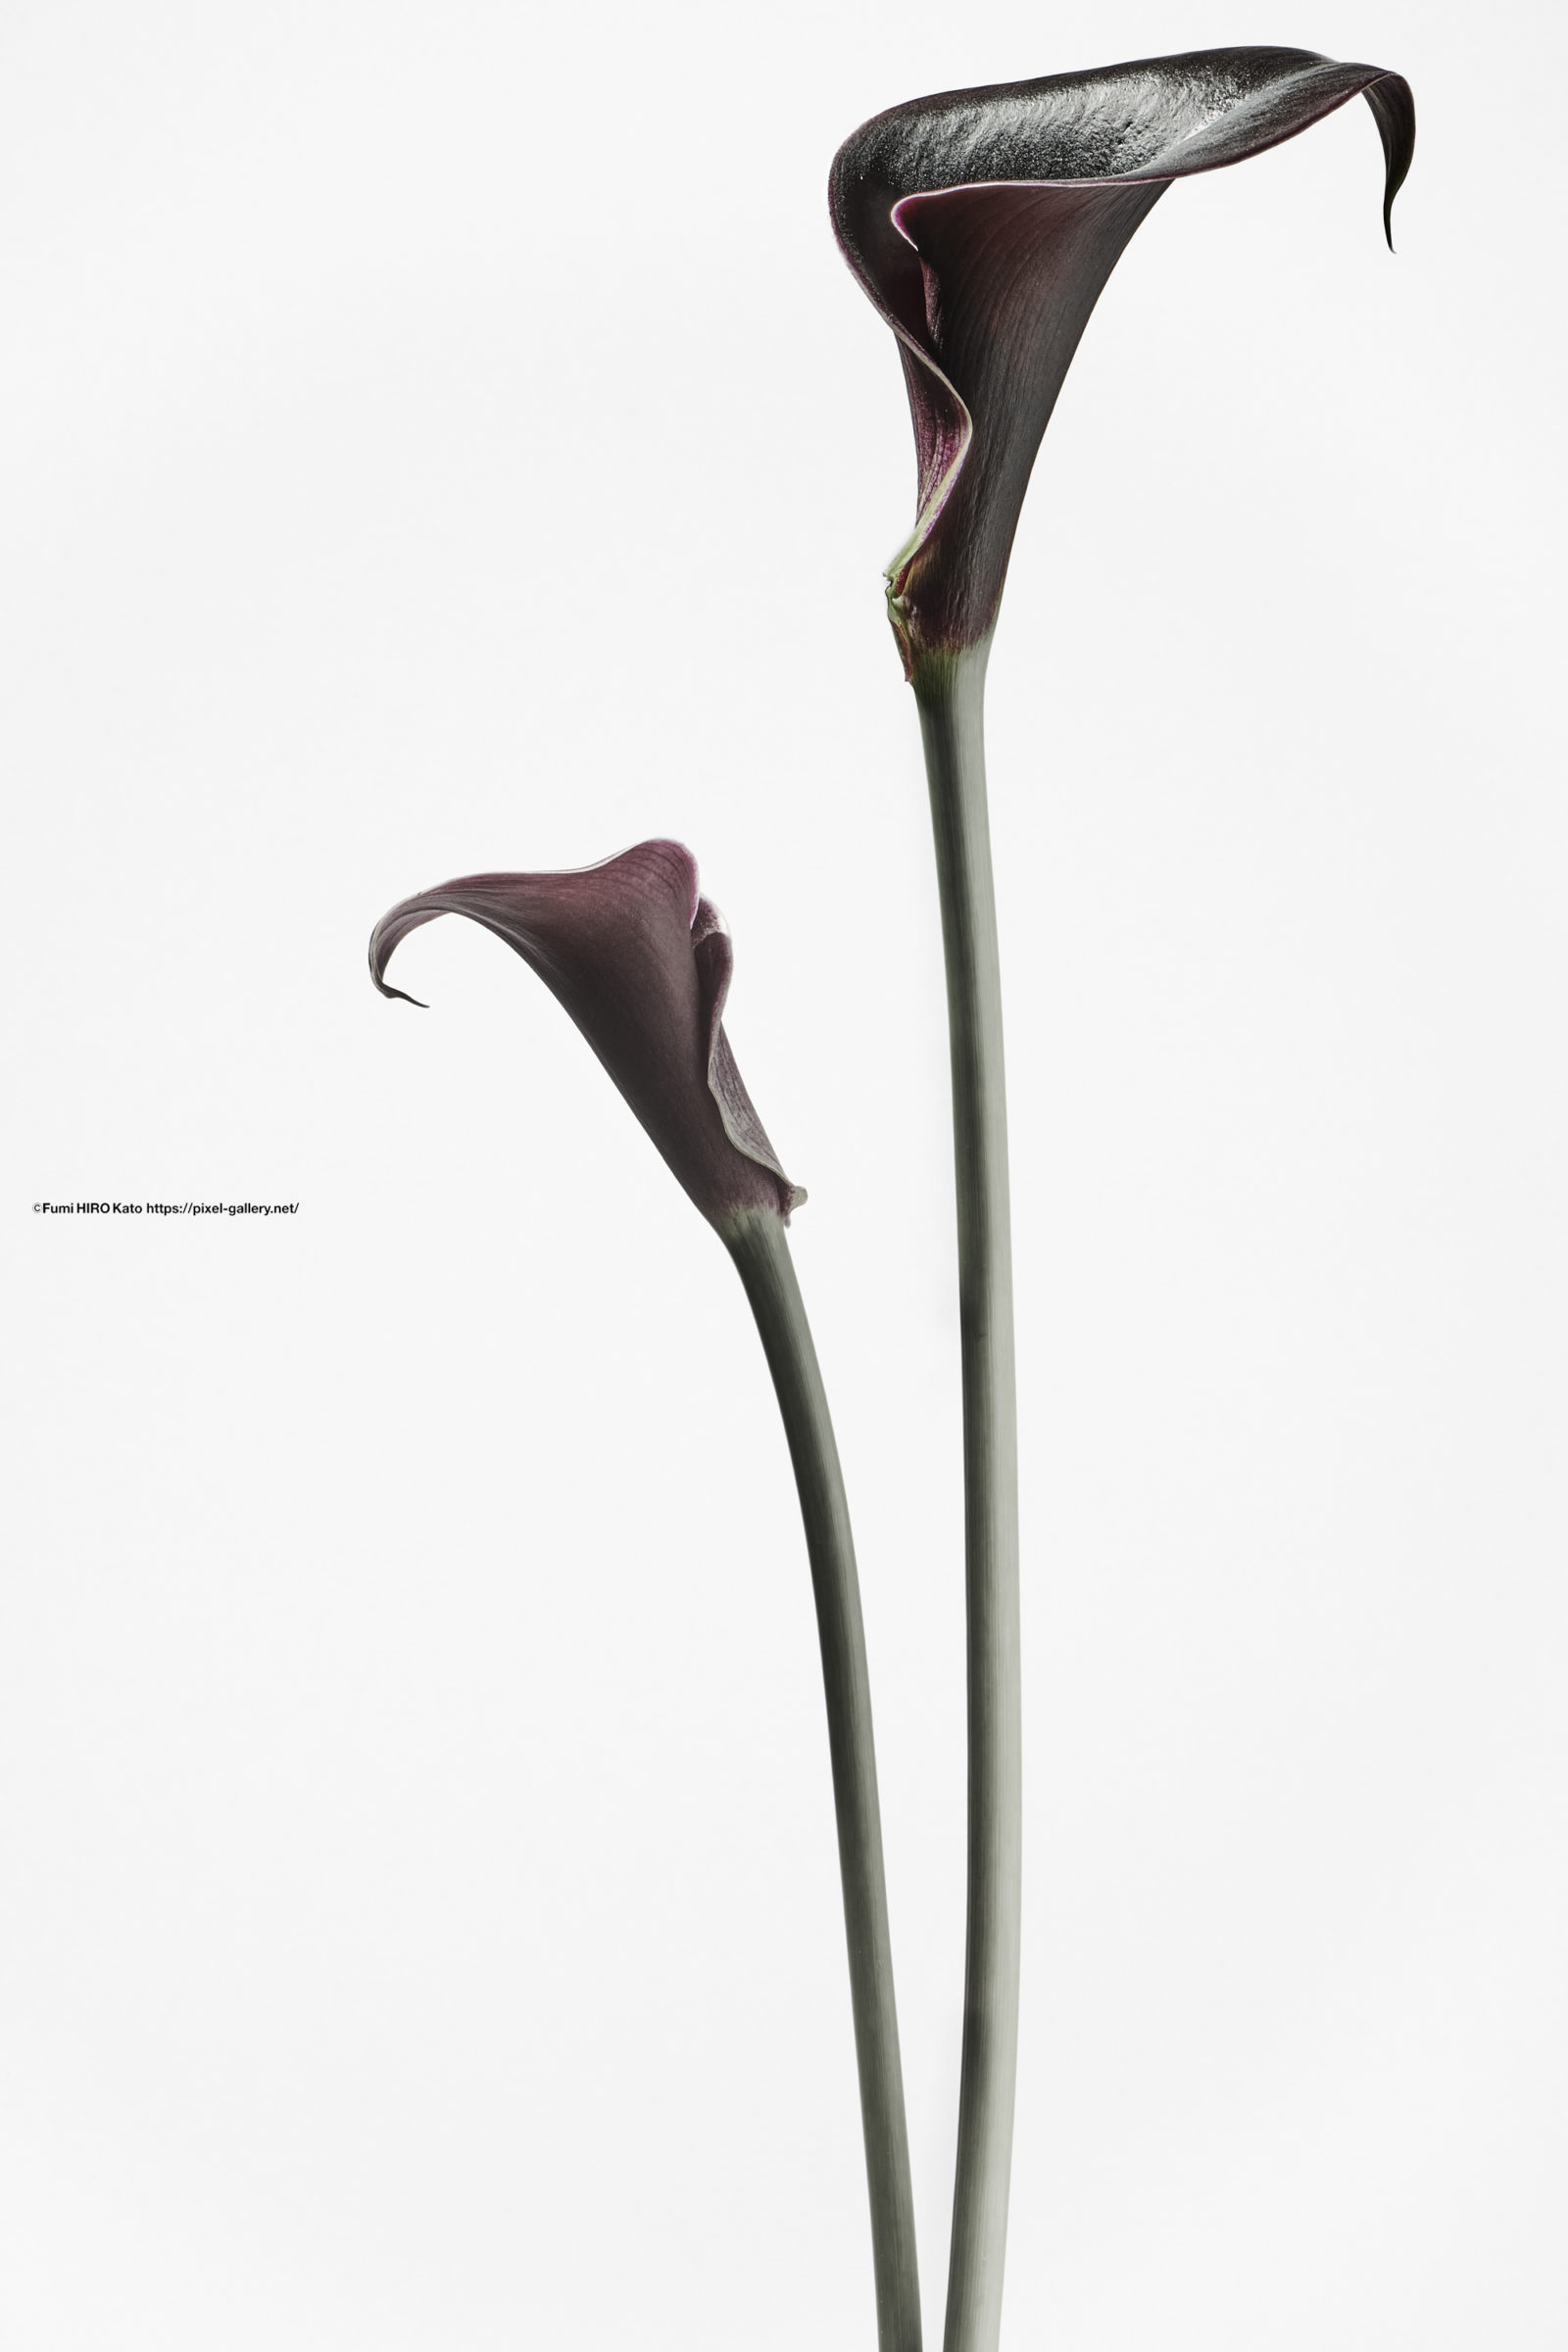 ハナ 2020-037 Calla (Calla lily)